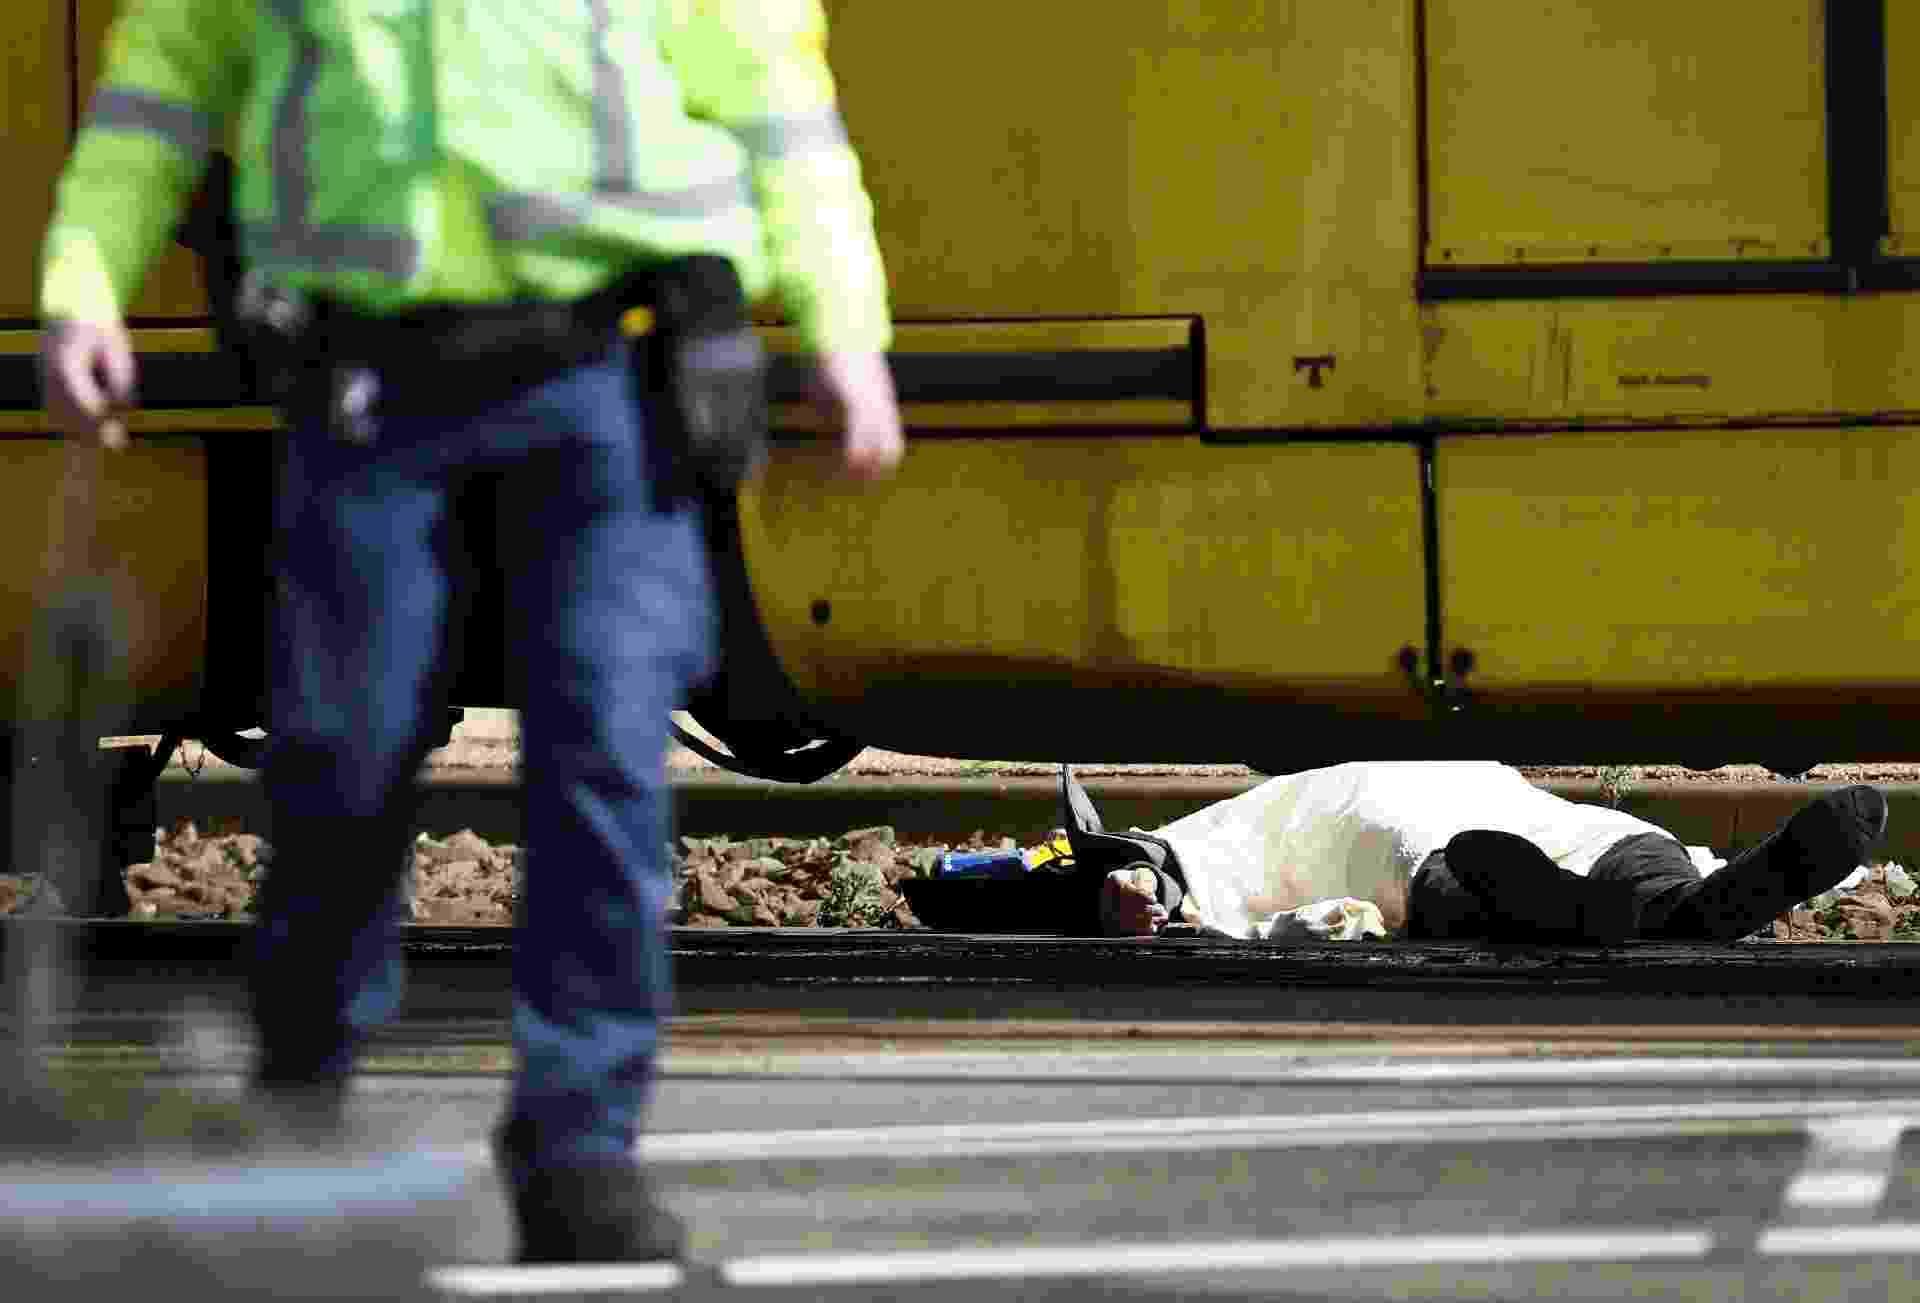 18.mar.2019 - Um corpo foi coberto por um lençol branco próximo ao bonde elétrico que foi cenário de uma ataque a tiros, em Utrecht, na Holanda - Robin van Lonkhuijsen/ANP/AFP